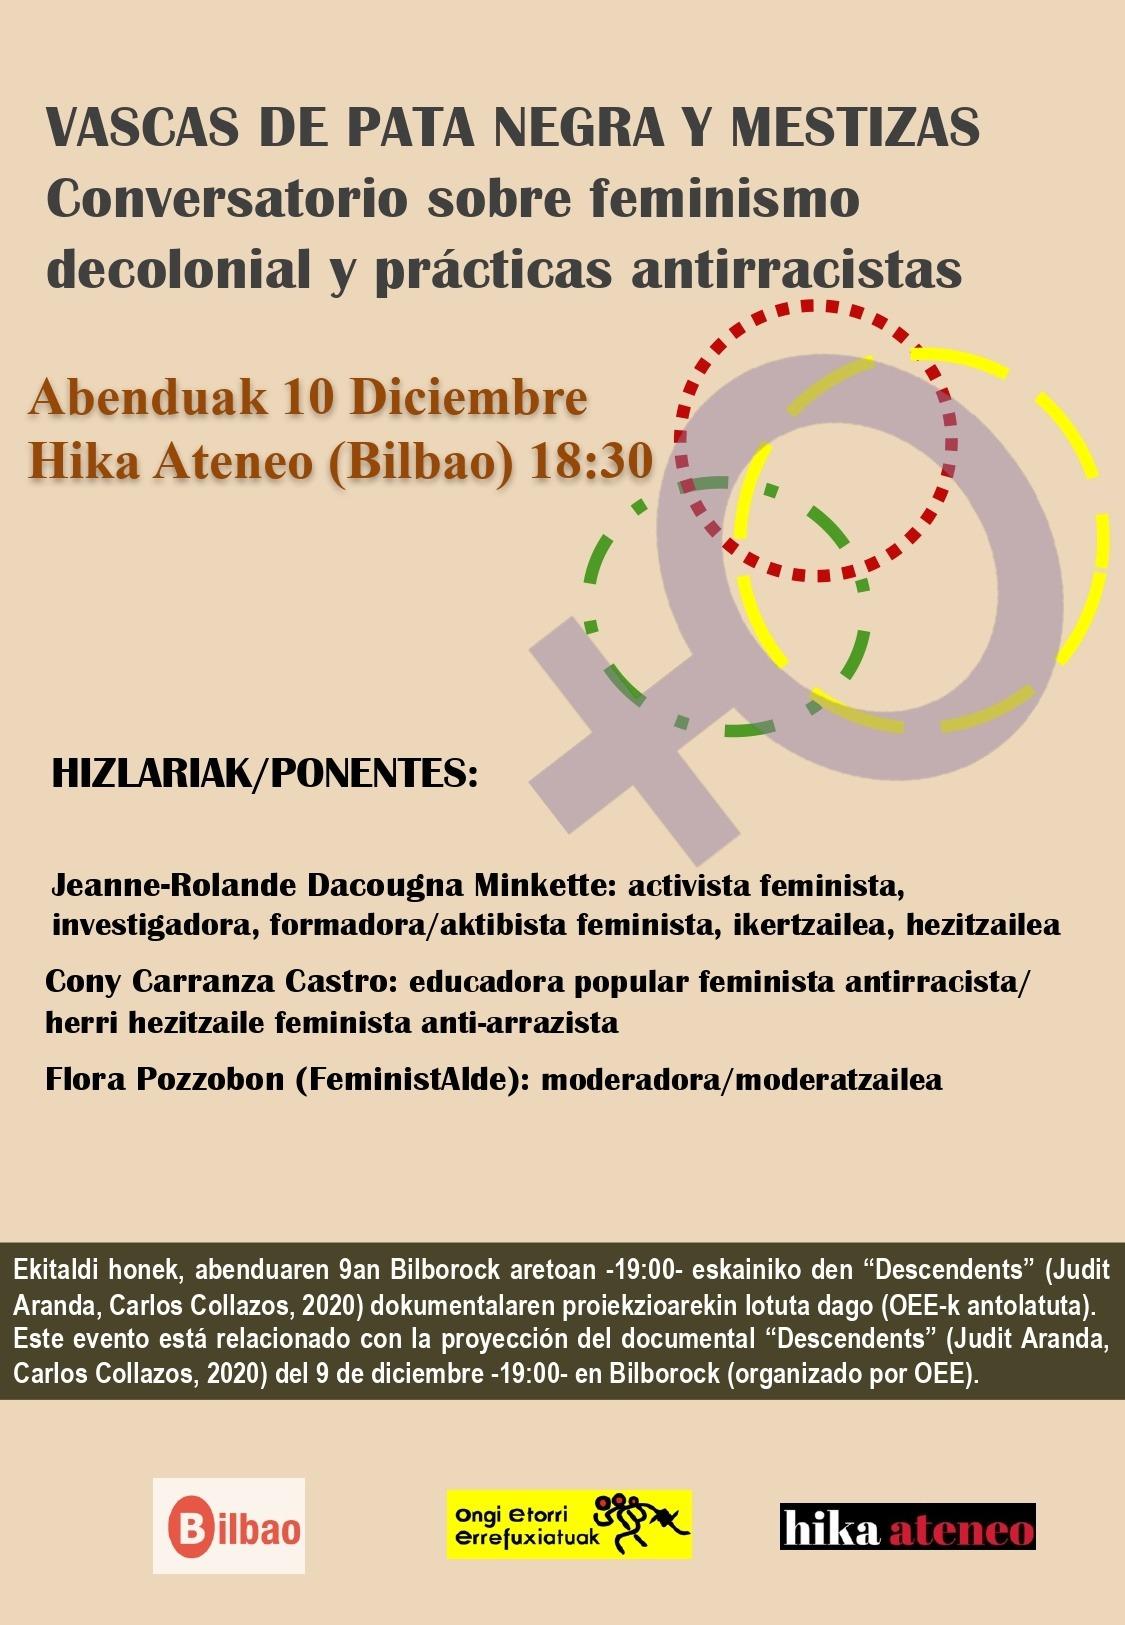 vascaspatanegra kartel-10-12 1830